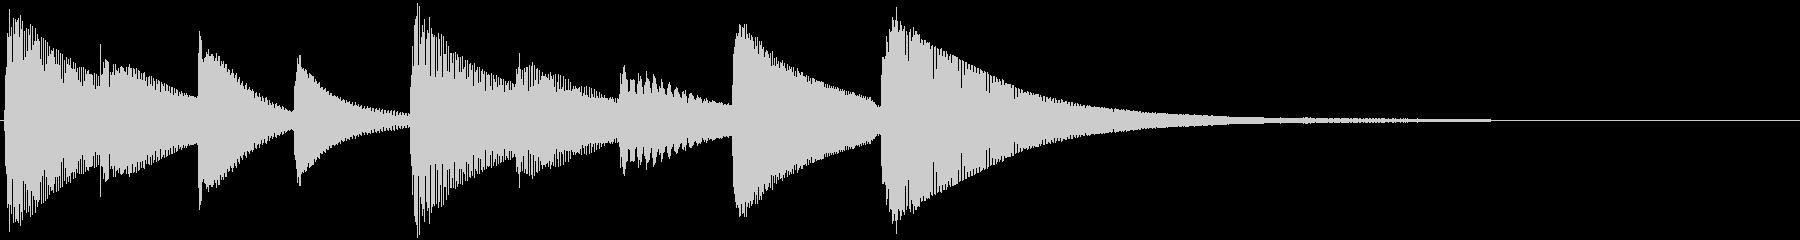 やや切ないジングル サウンドロゴの未再生の波形